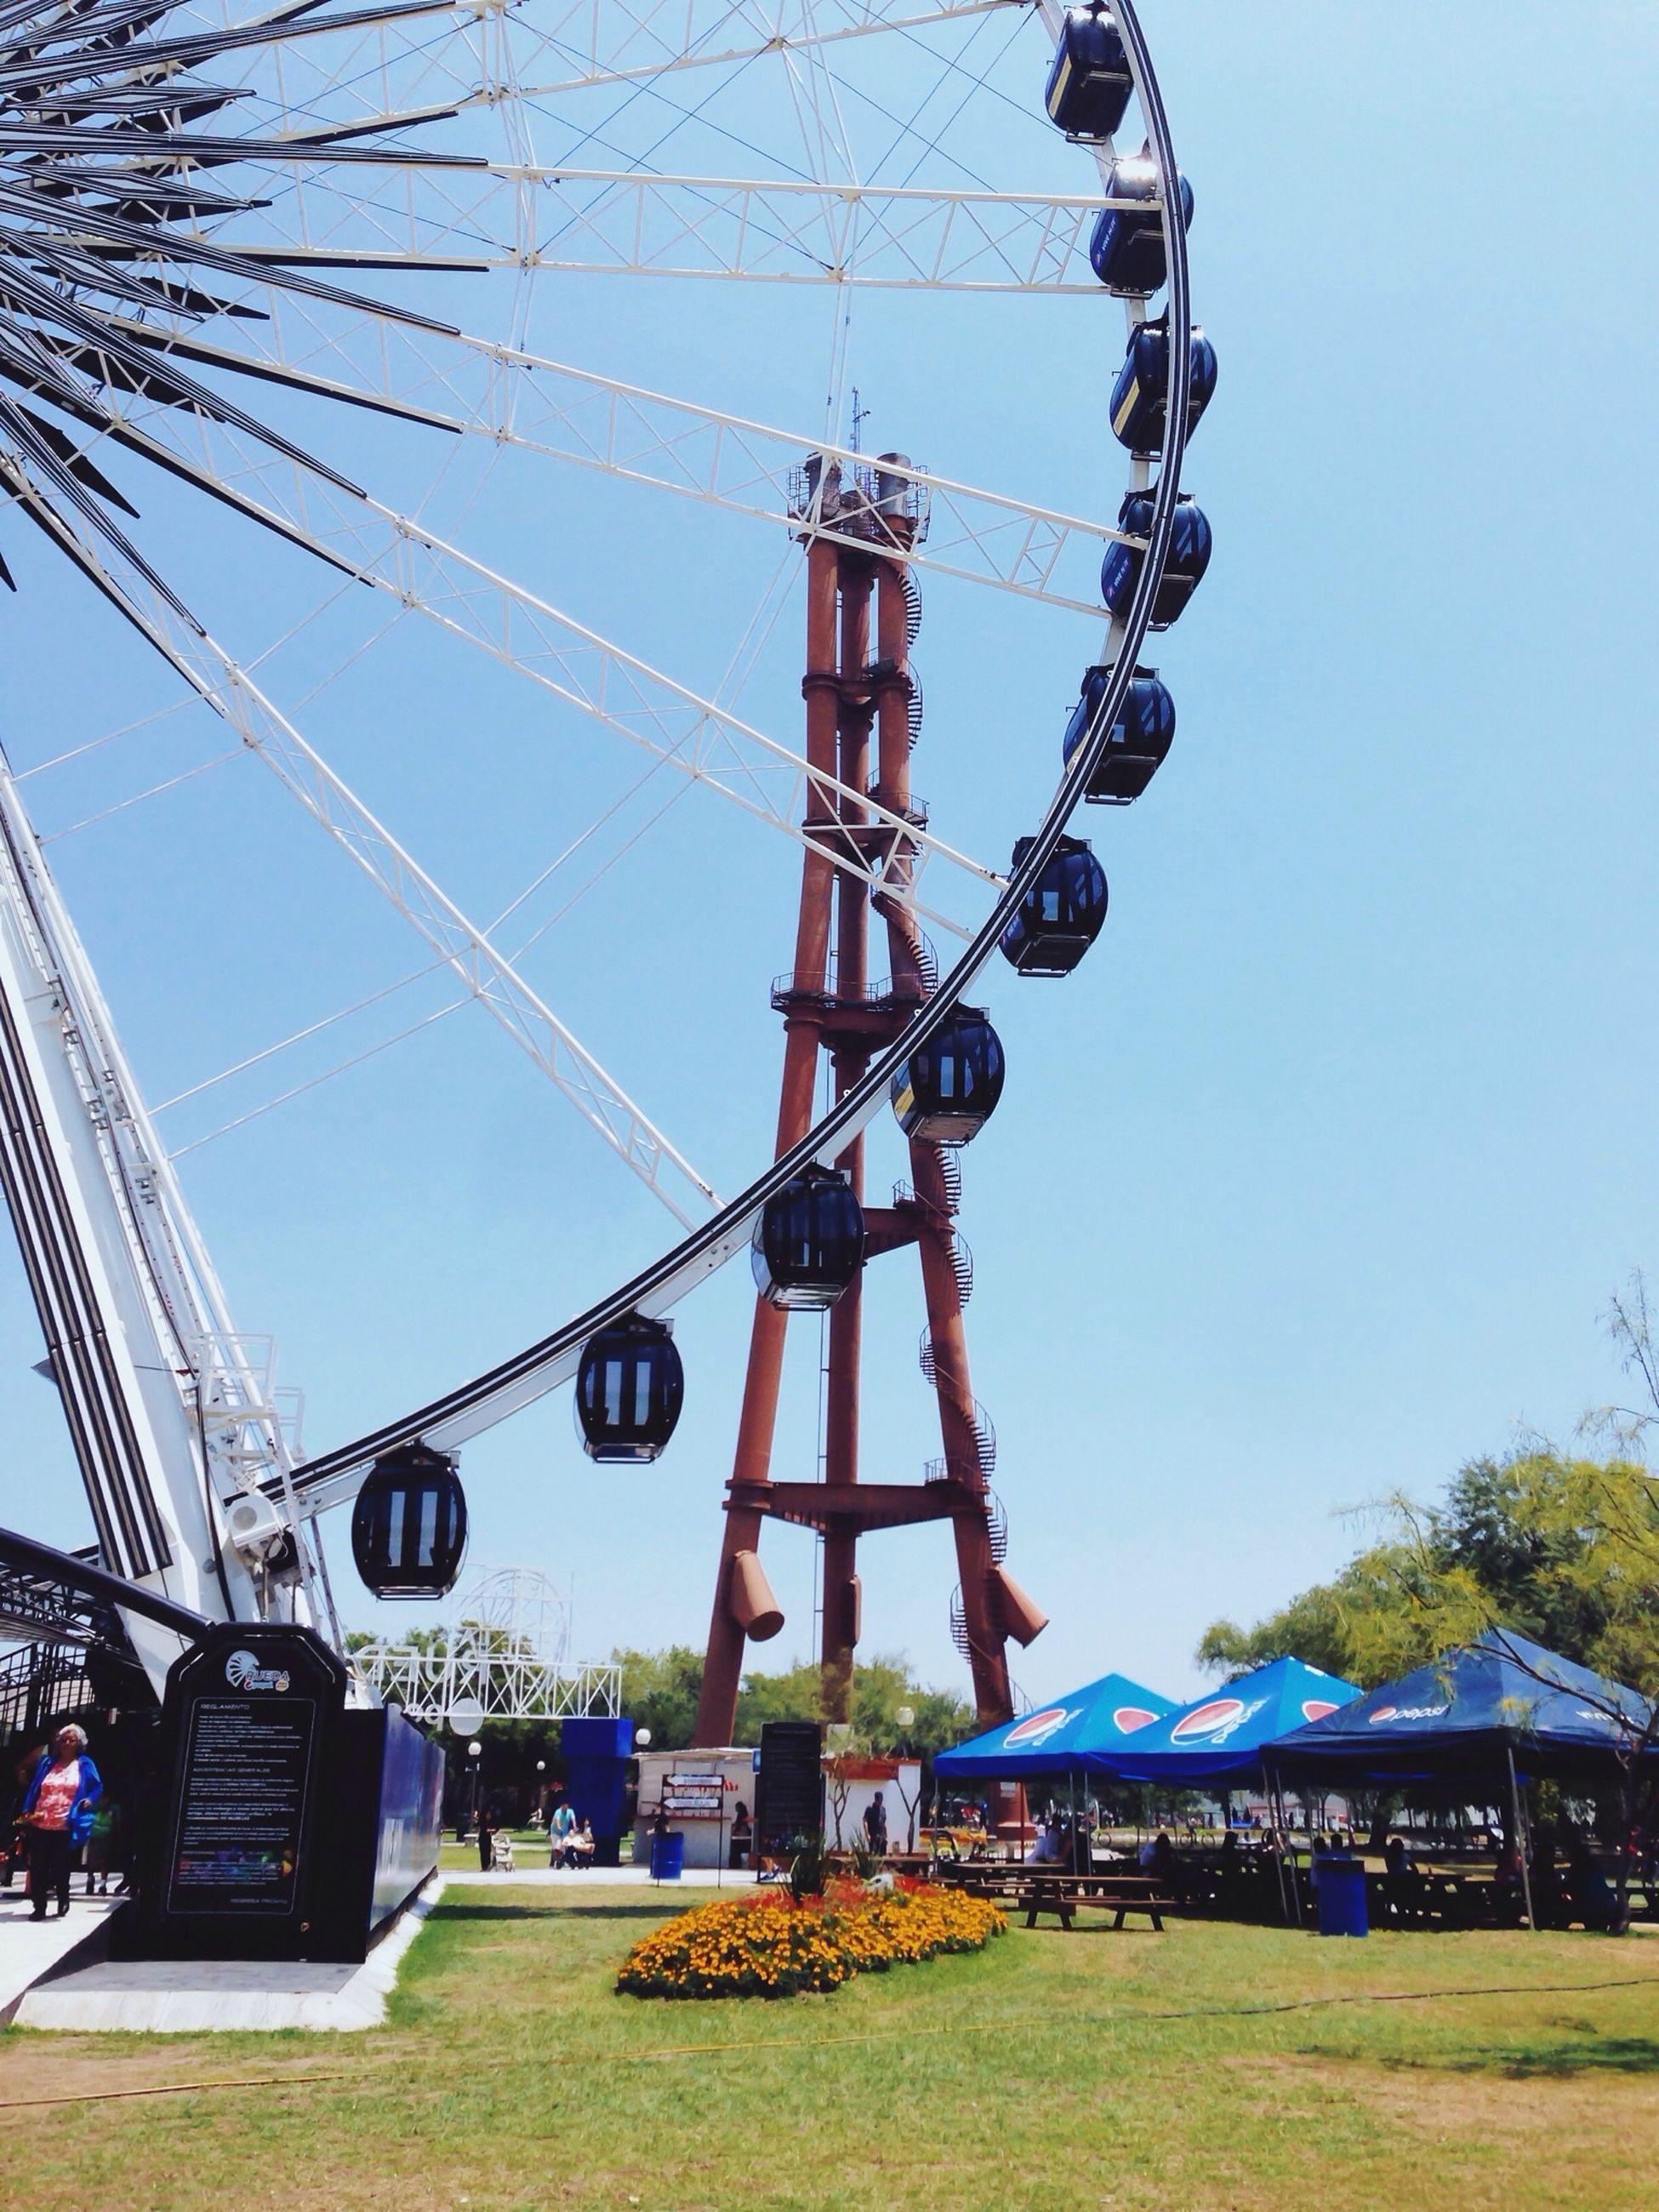 amusement park, amusement park ride, arts culture and entertainment, clear sky, ferris wheel, leisure activity, fun, low angle view, blue, enjoyment, tourism, tree, travel destinations, lifestyles, travel, sky, men, famous place, day